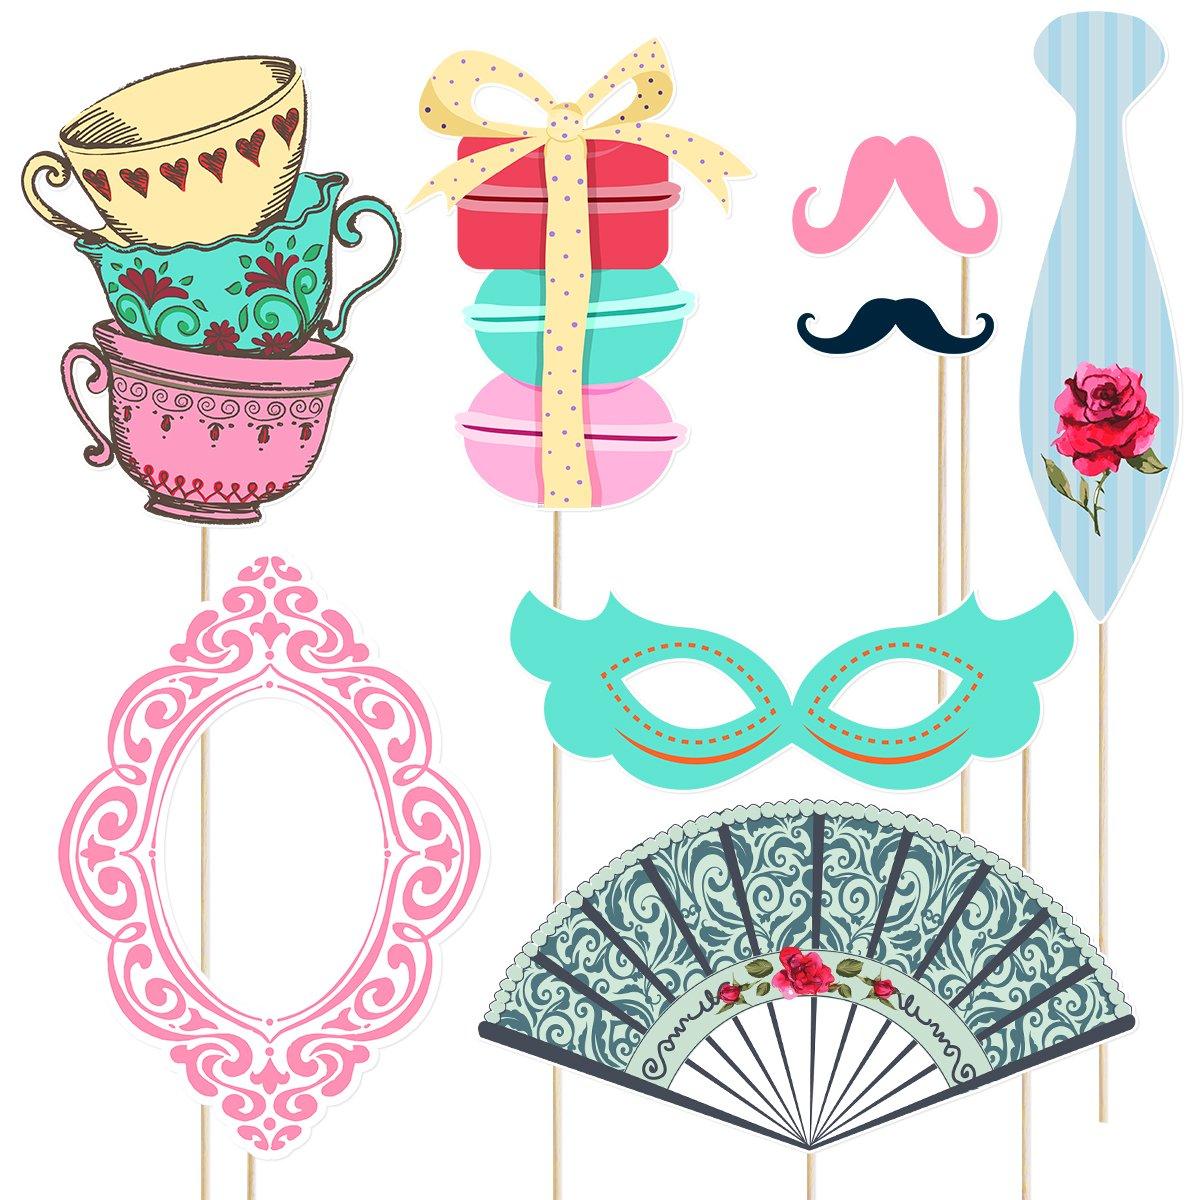 Accesorios divertidos para fiestas de fototerapia Accesorios para fiestas de t/é LUOEM Tea Party Kits de apoyos para fotomat/ón 30 Pack